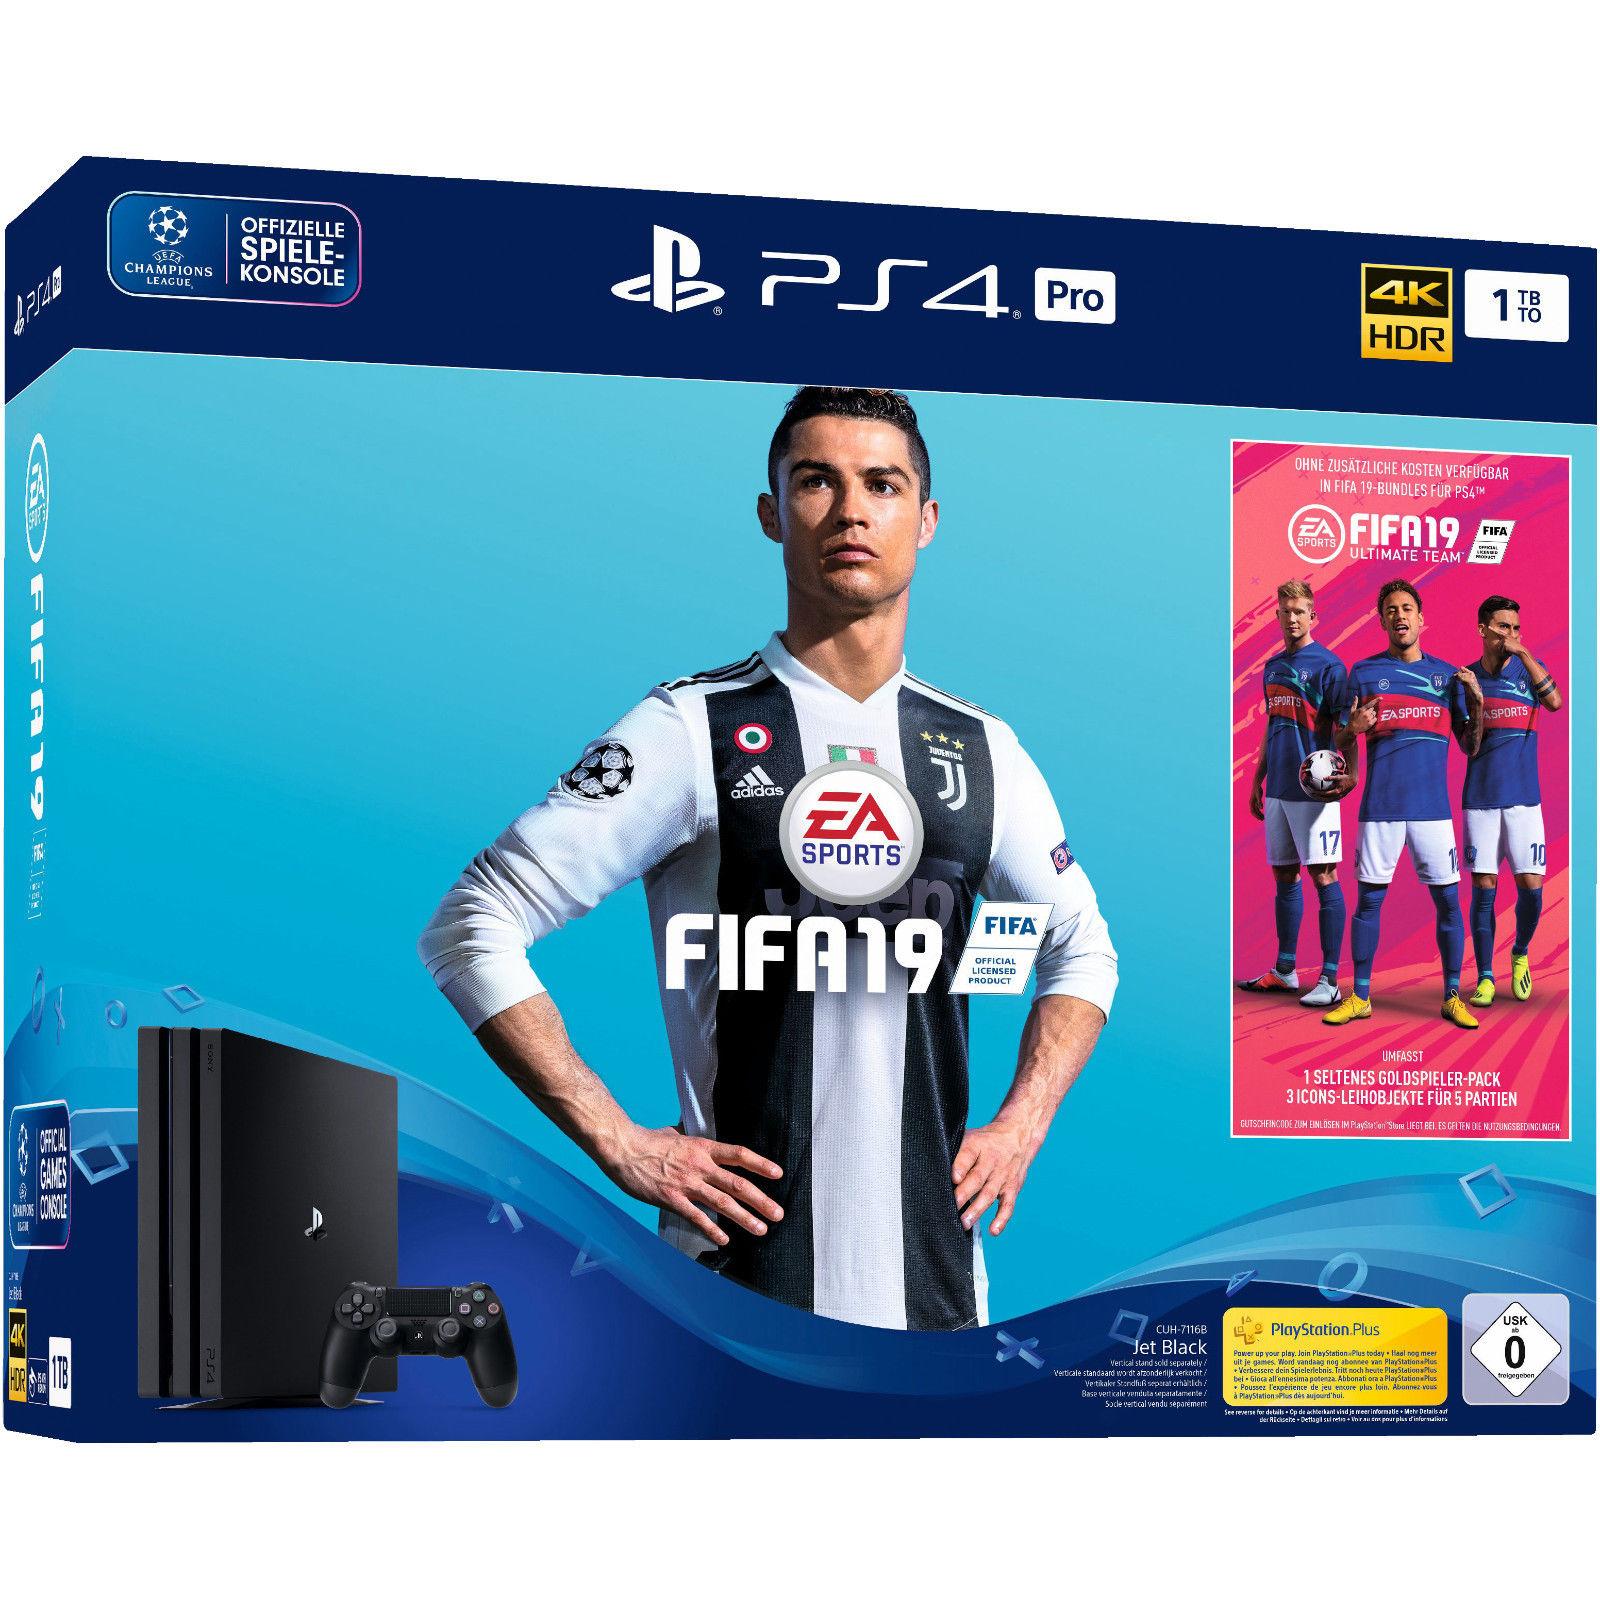 PlayStation 4 Pro 1TB - FIFA 19 Bundle voor €377,66 @ Amazon.de